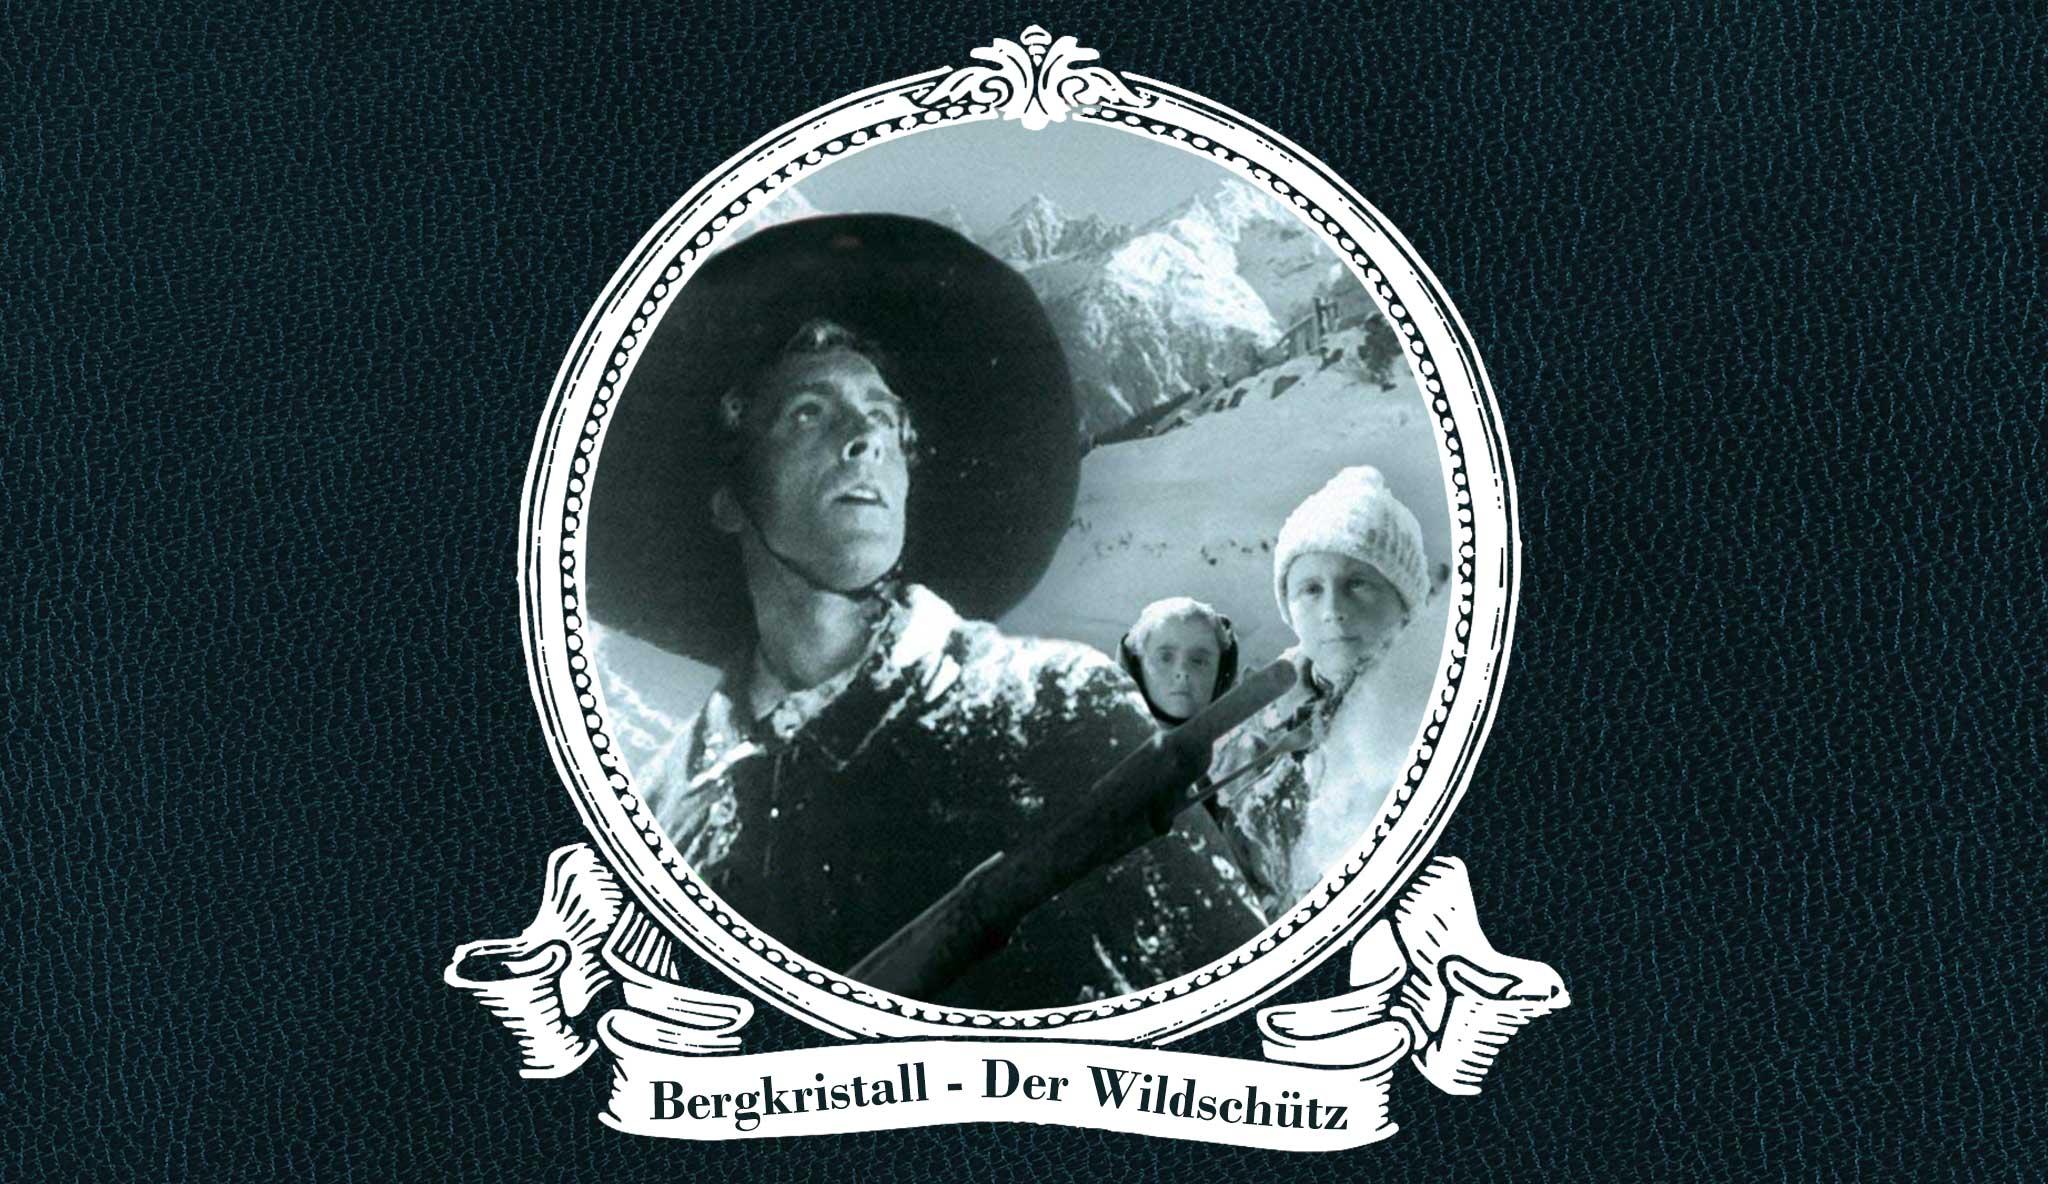 bergkristall-der-wildschutz-von-tirol\header.jpg